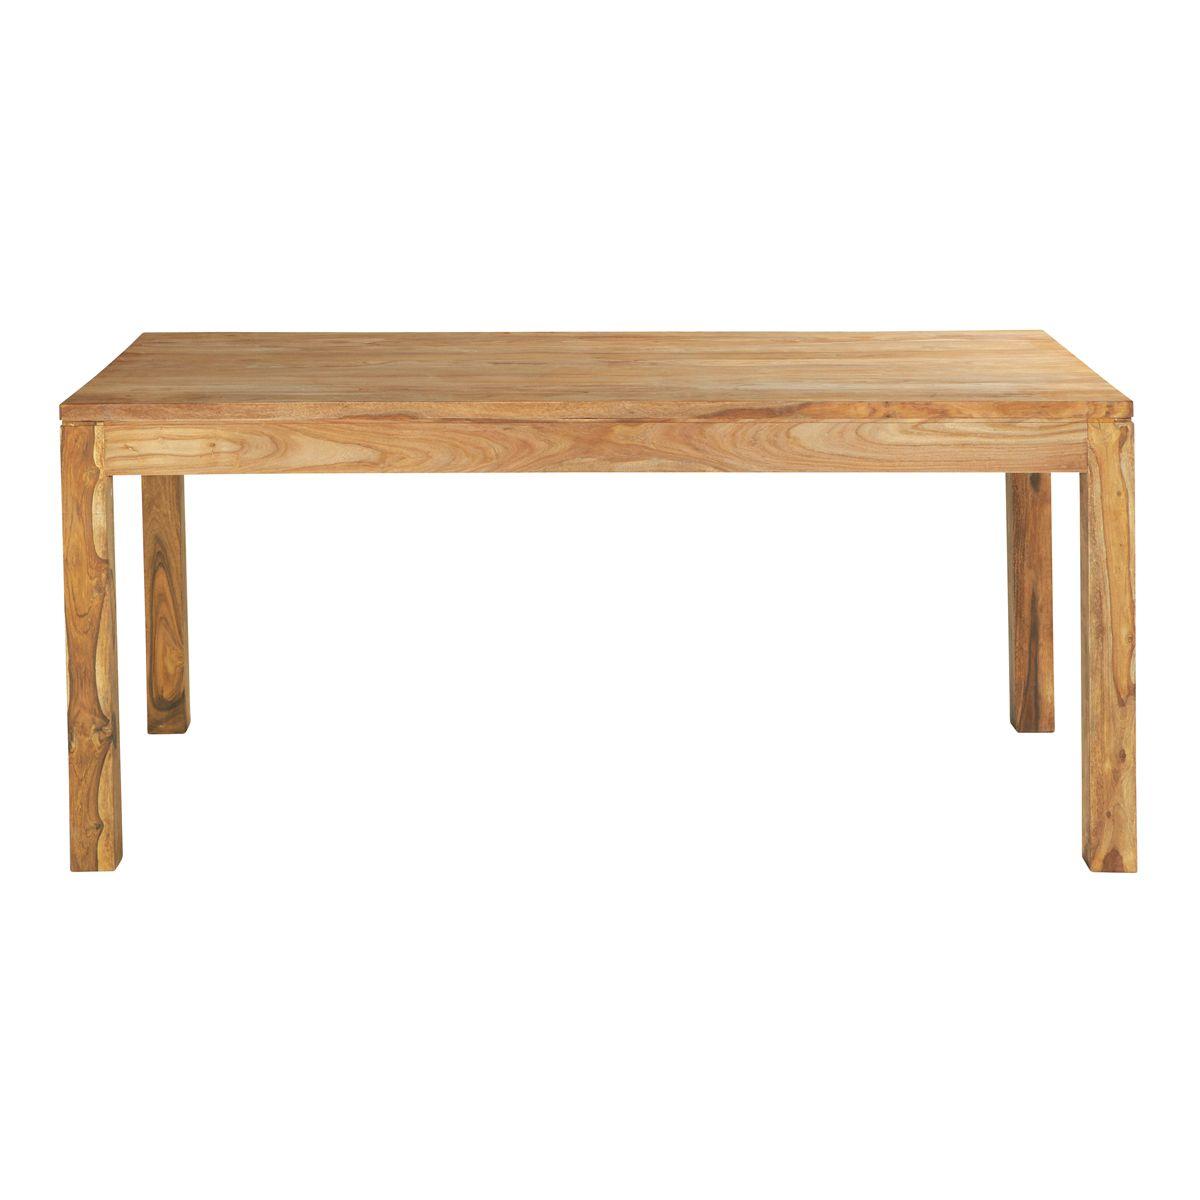 Table de salle à manger en bois de sheesham massif L 180 cm Stockholm